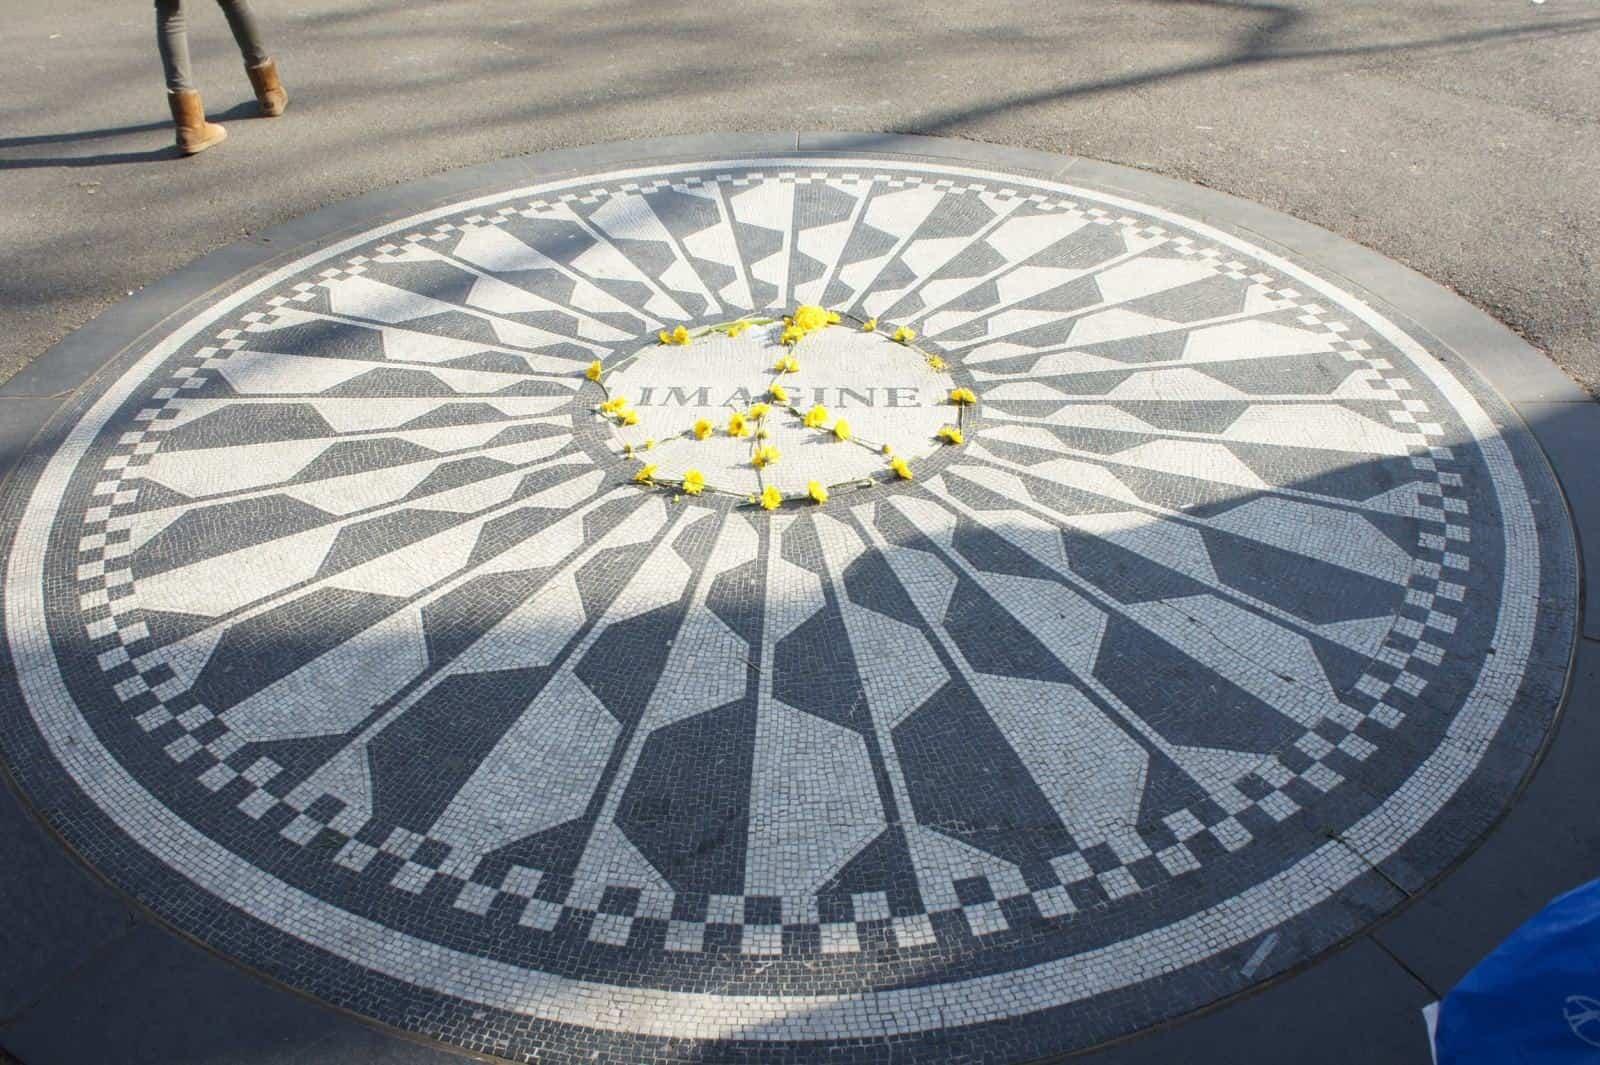 John Lennon Memorial Central Park. Imagine